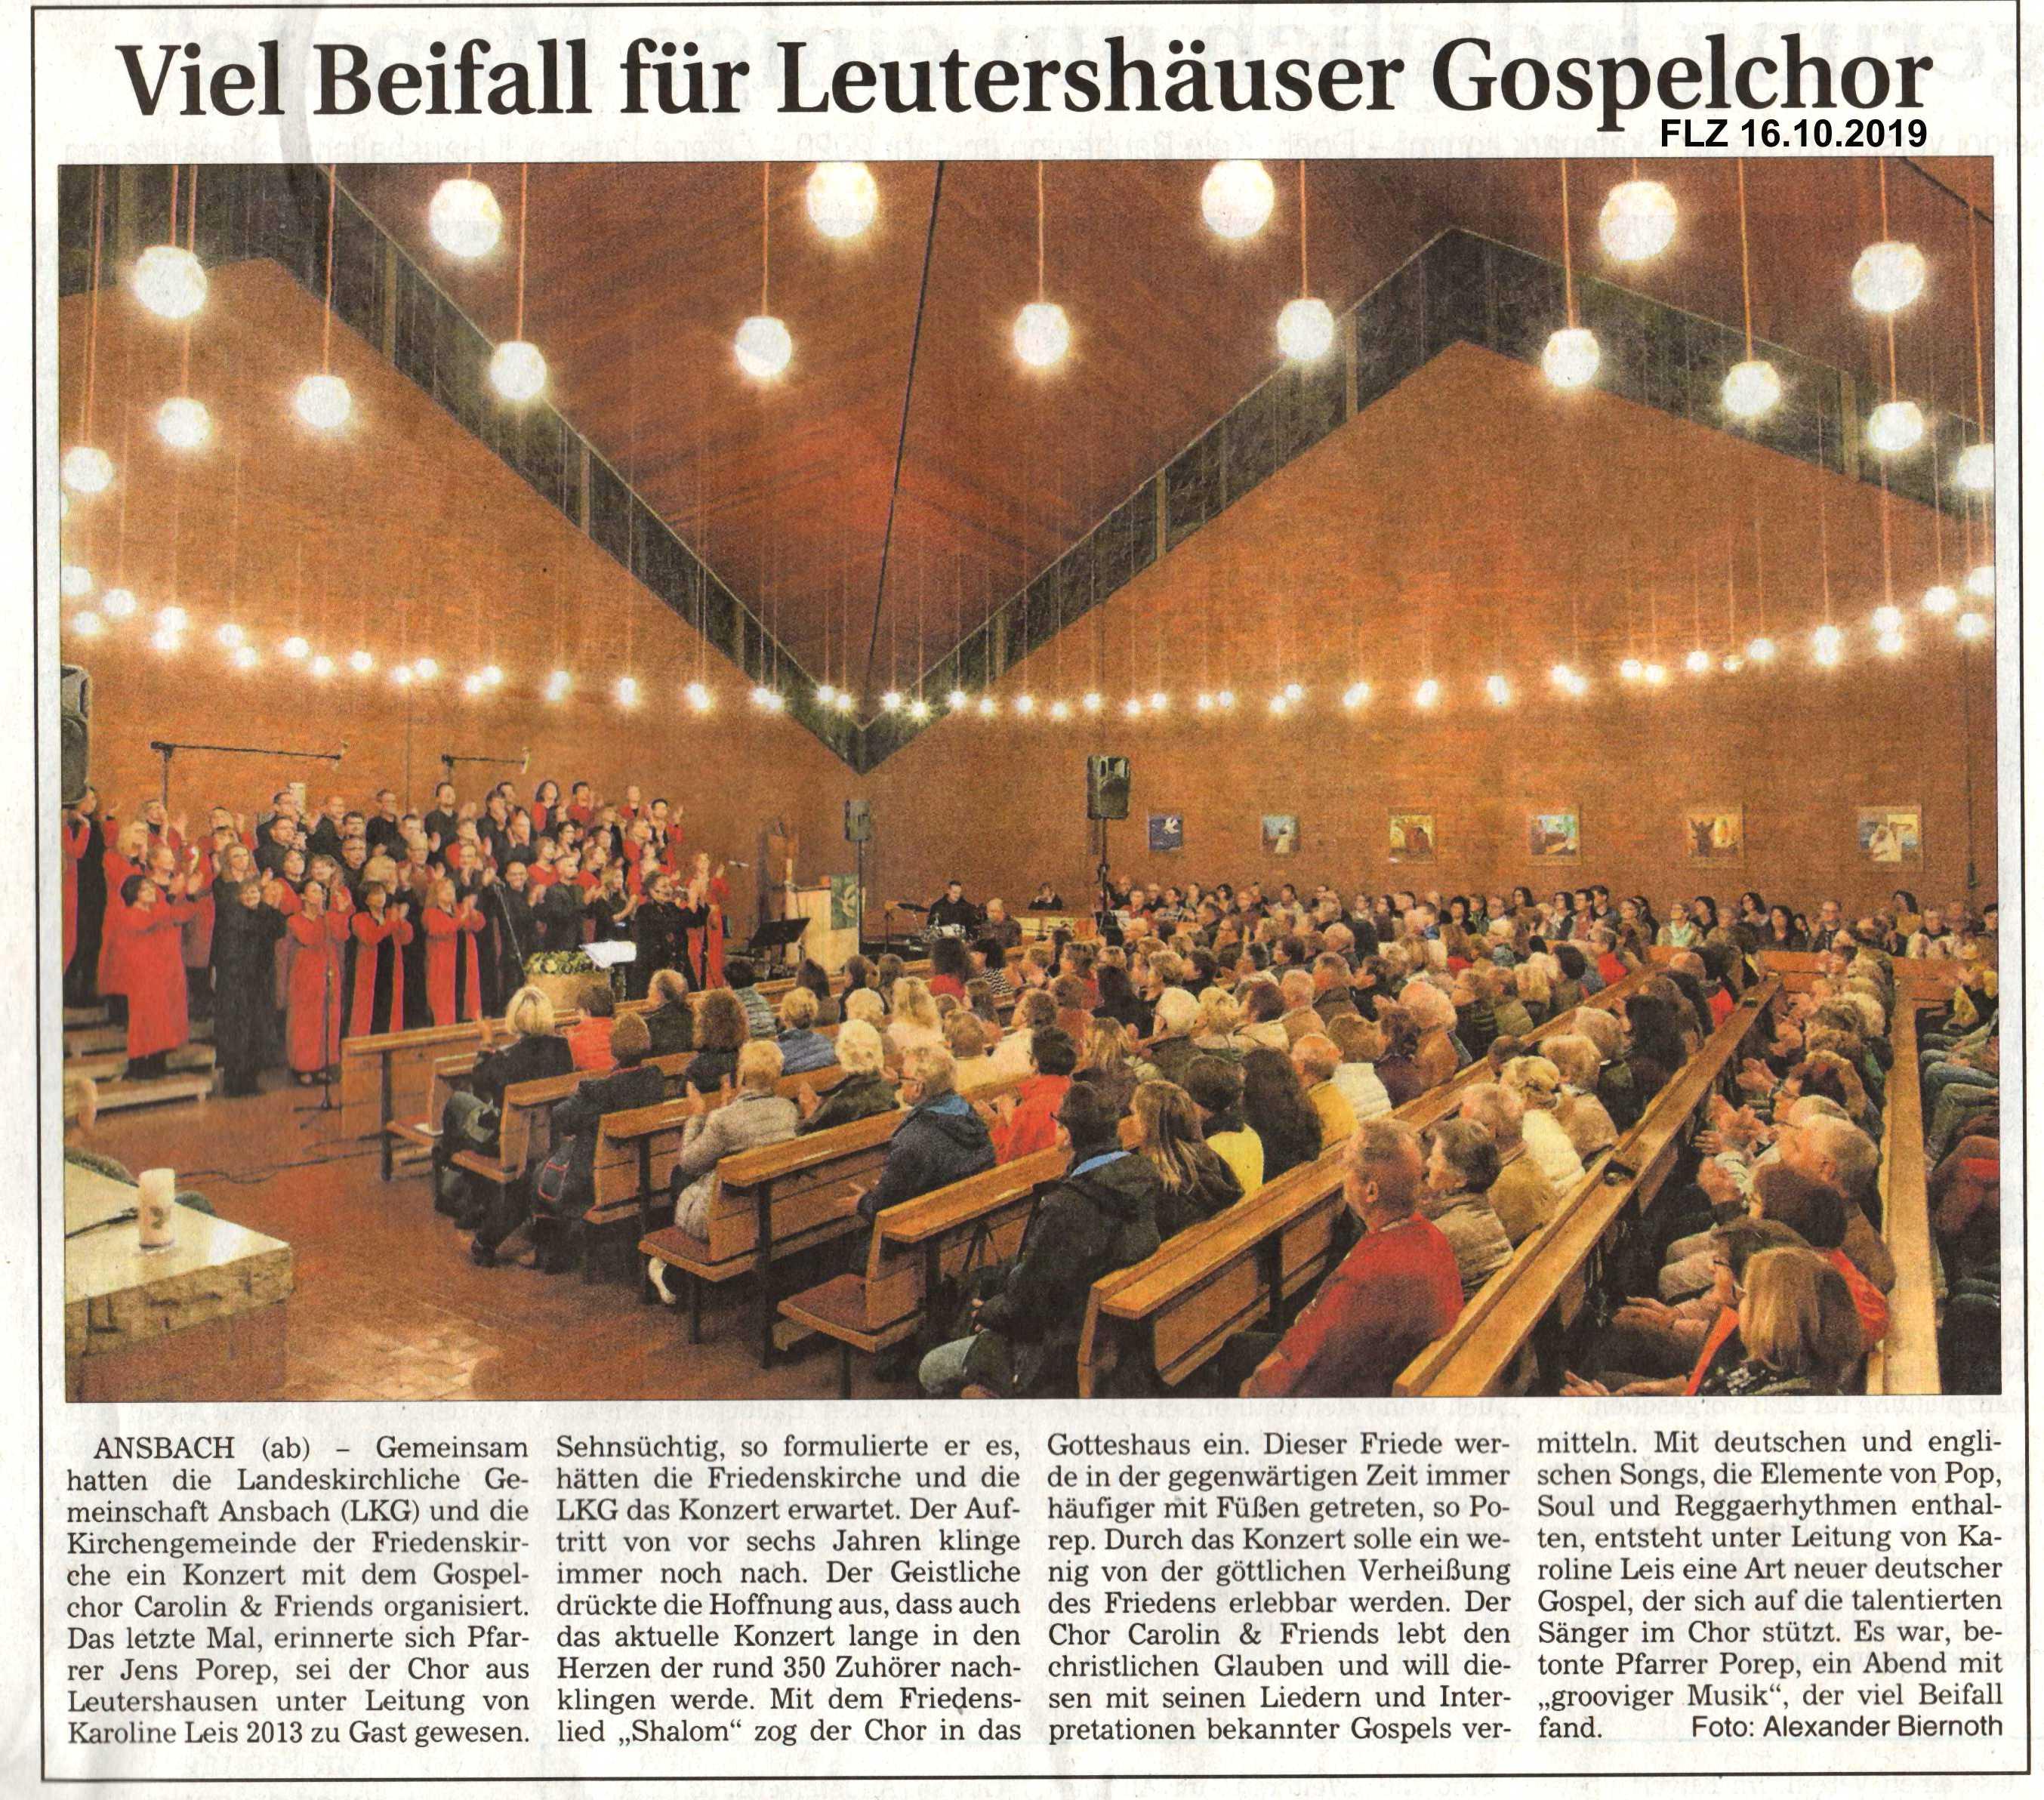 Konzert-Friedenskirche_12.10.2019